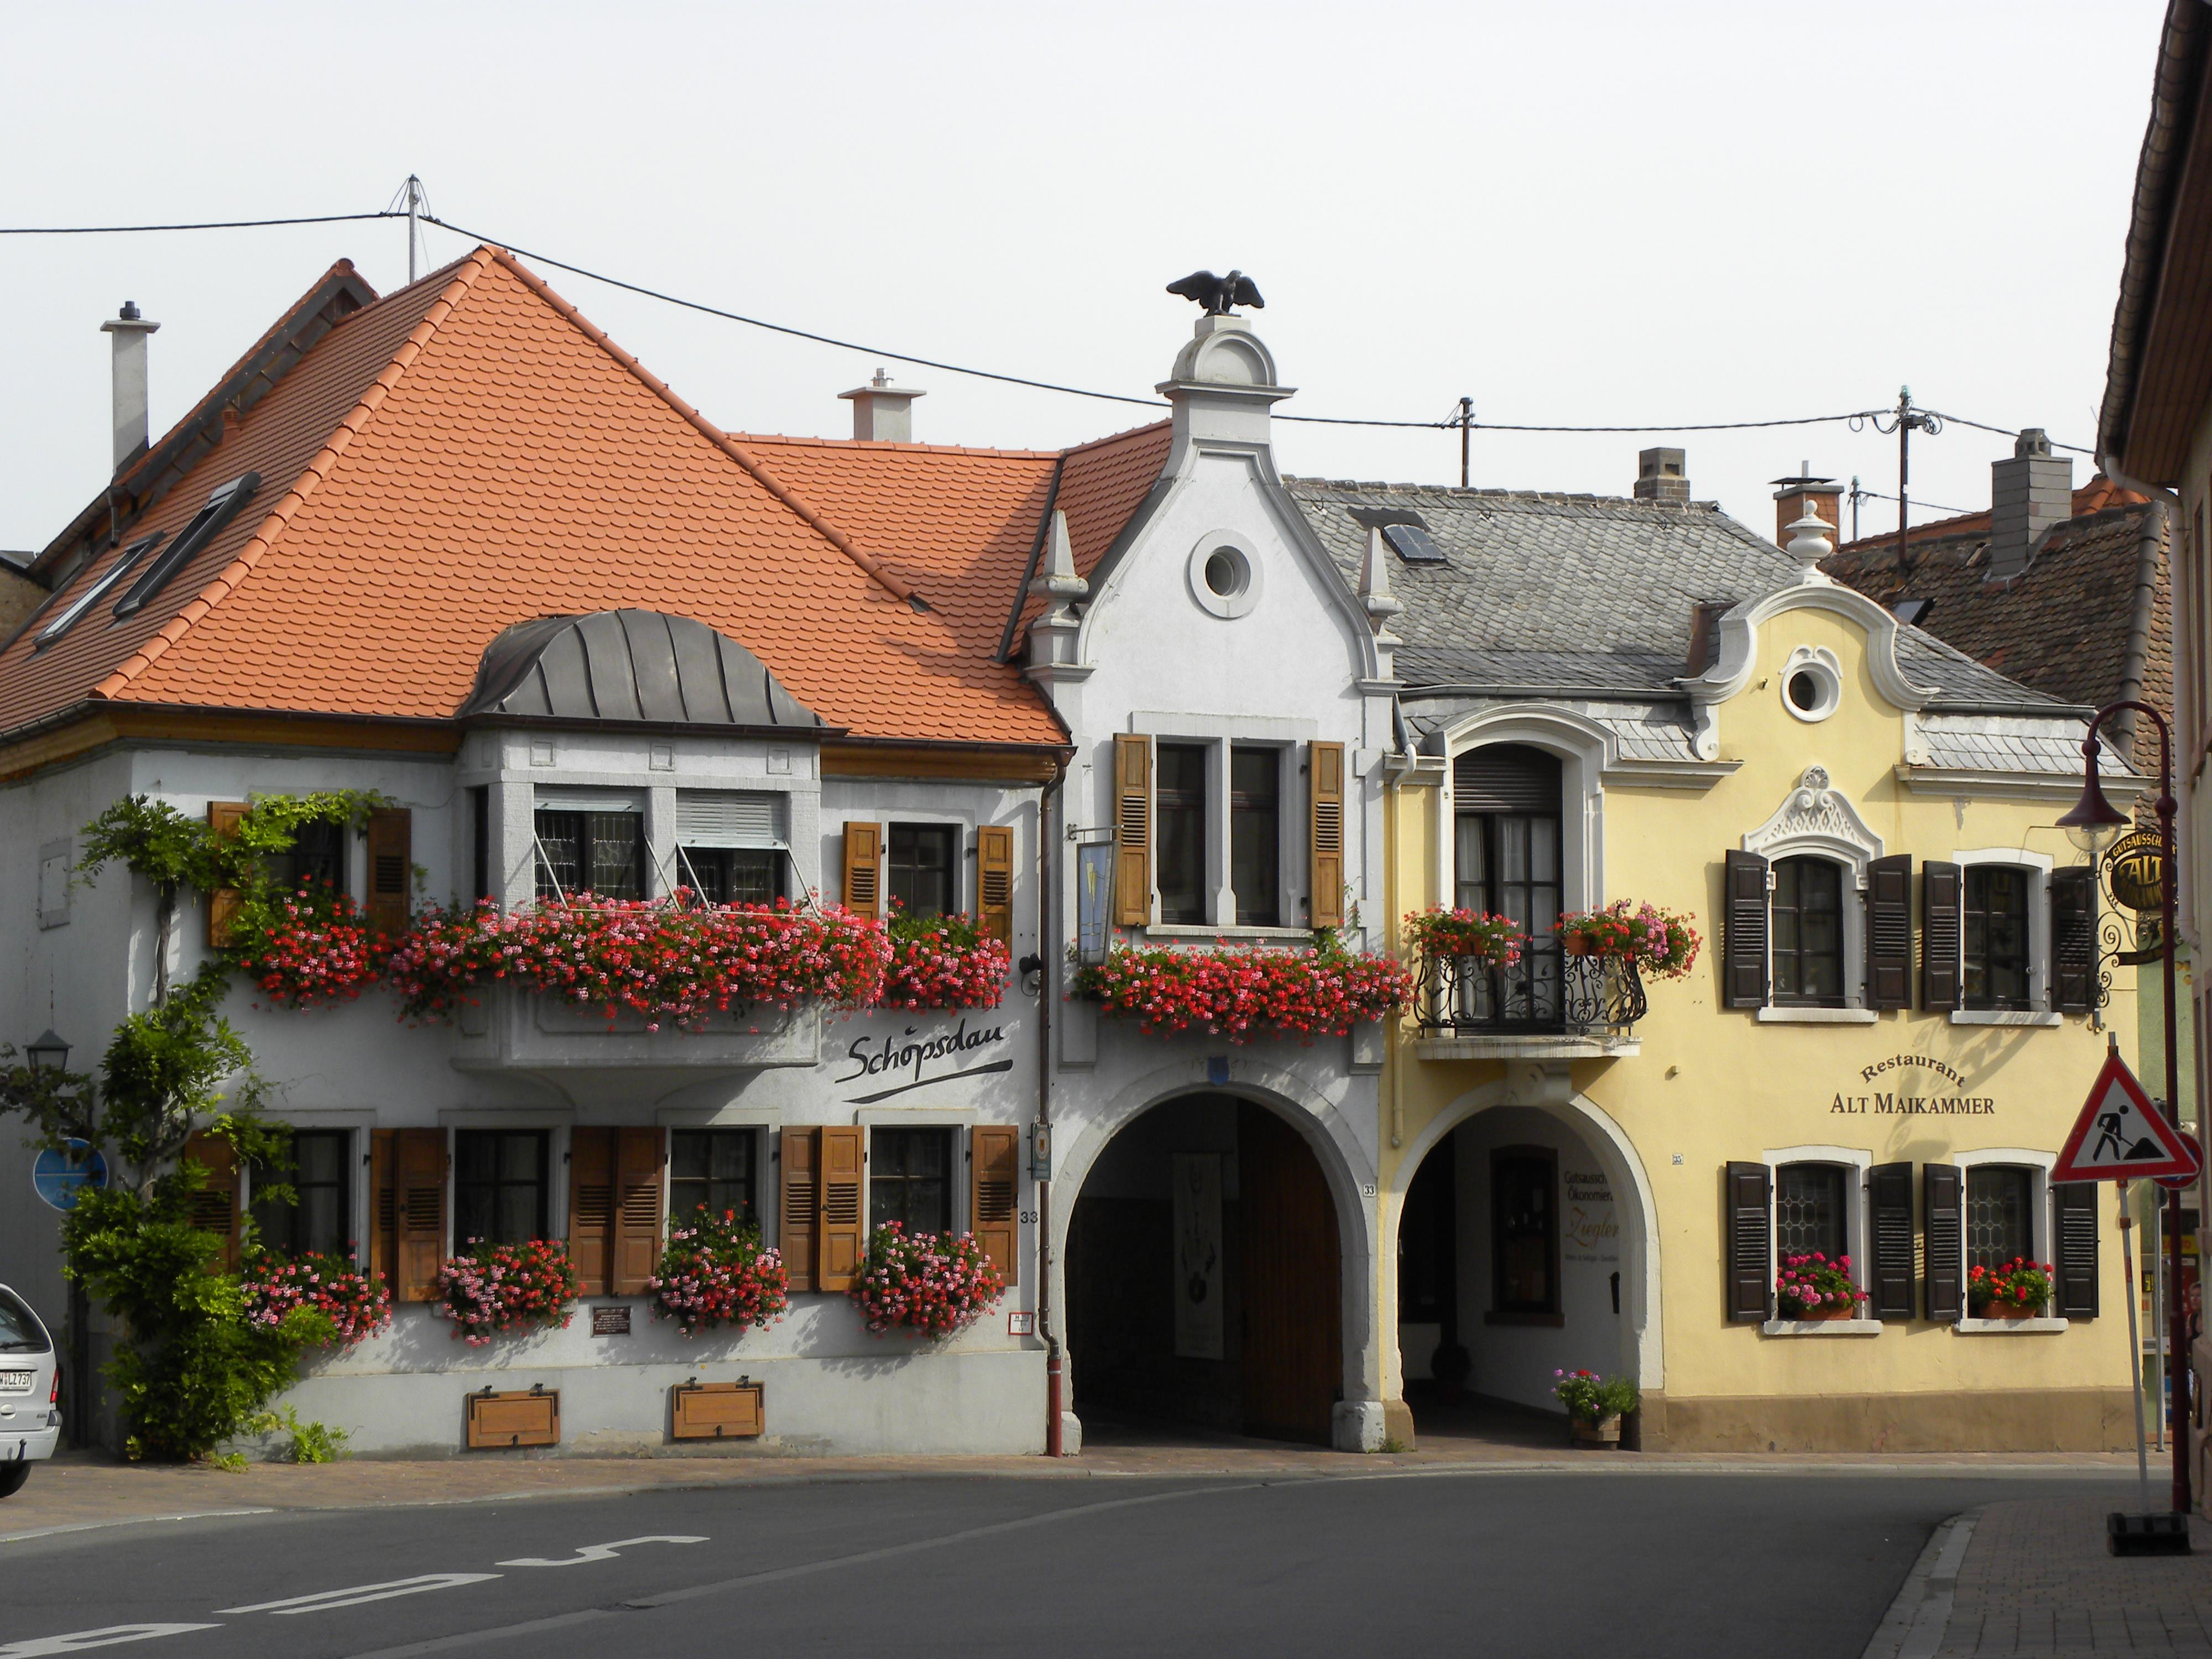 Restaurant Alt Maikammer | Pfalz.de